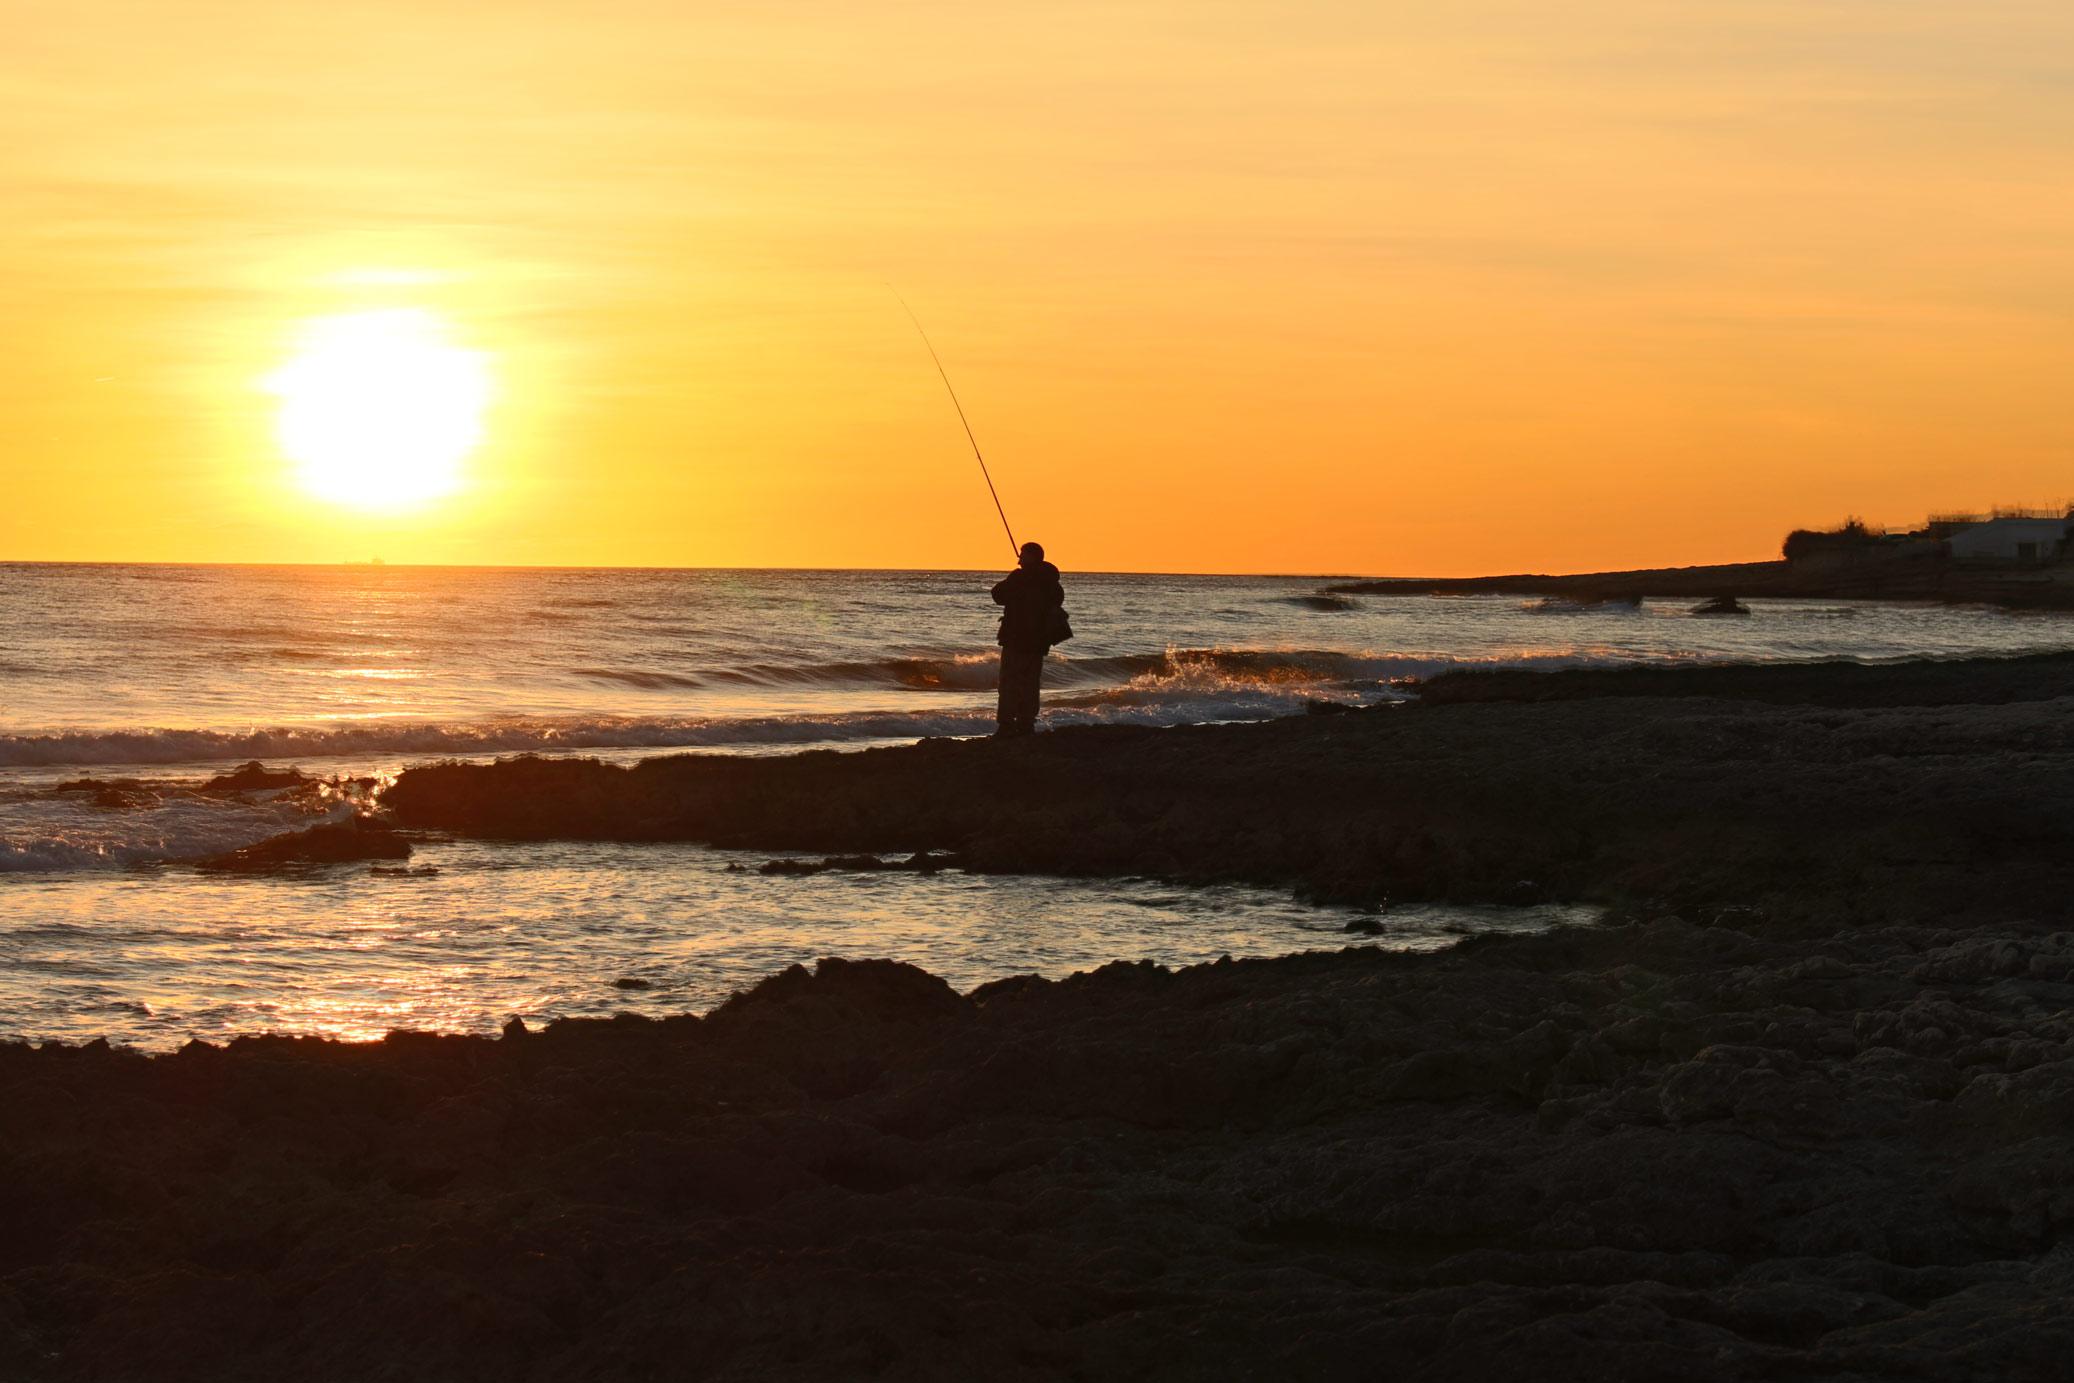 Fischer in der Abensonne am Meer